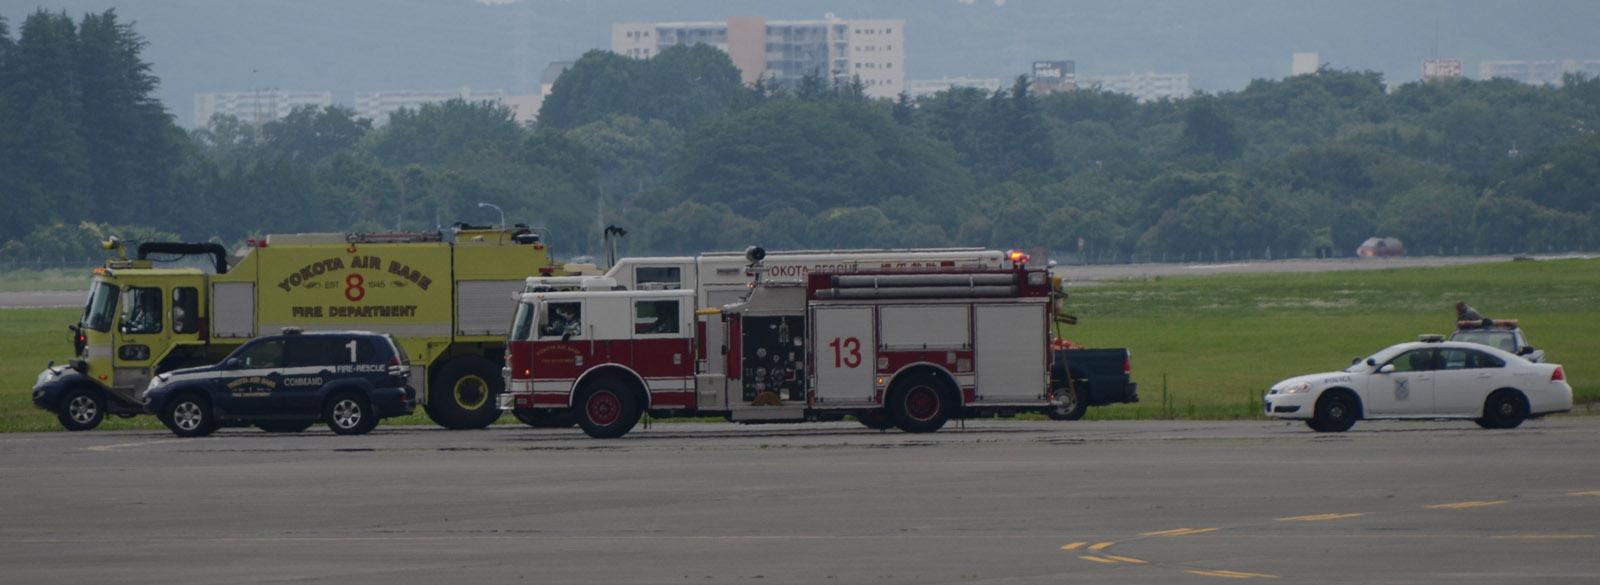 Fire150630g195